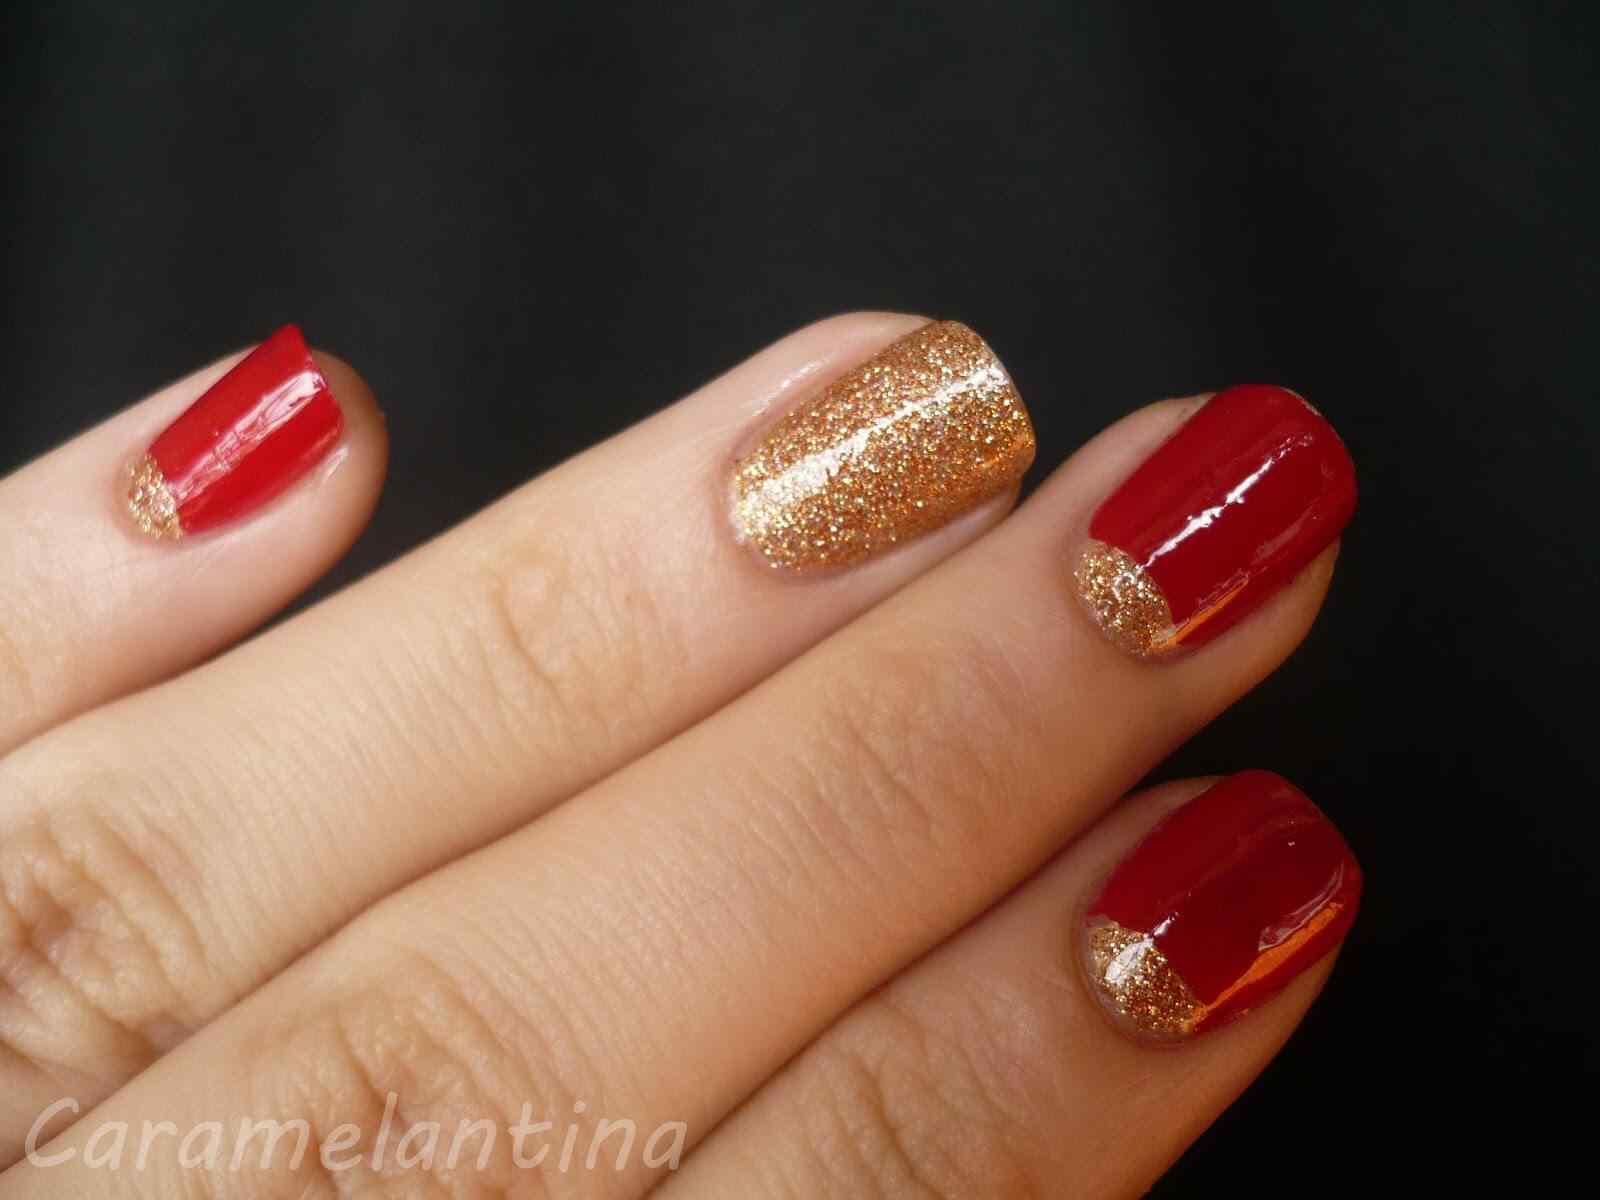 unas rojo con dorado (5)